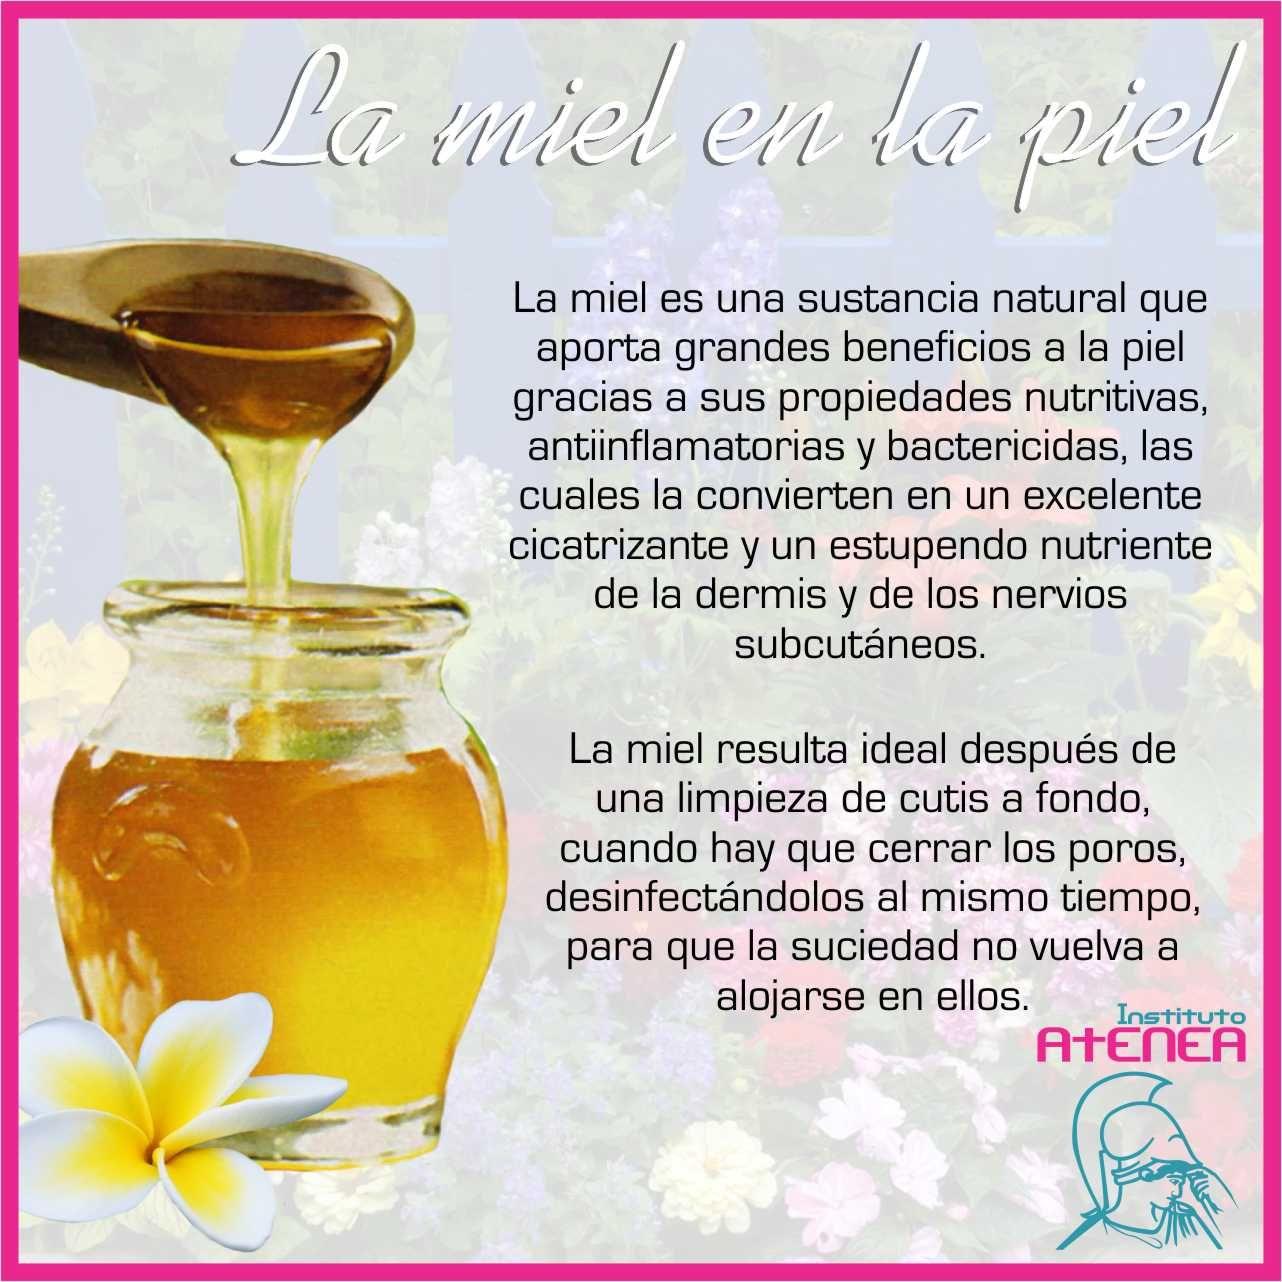 La miel es una sustancia natural utilizada en la cosmética desde hace cientos de años.  Tu también puedes utilizarla para diferentes tratamientos cosmetológicos.  Visita también nuestro blog donde encontrarás el articulo completo.  http://cosmetologiayesteticaatenea.blogspot.com/2014/03/la-miel.html